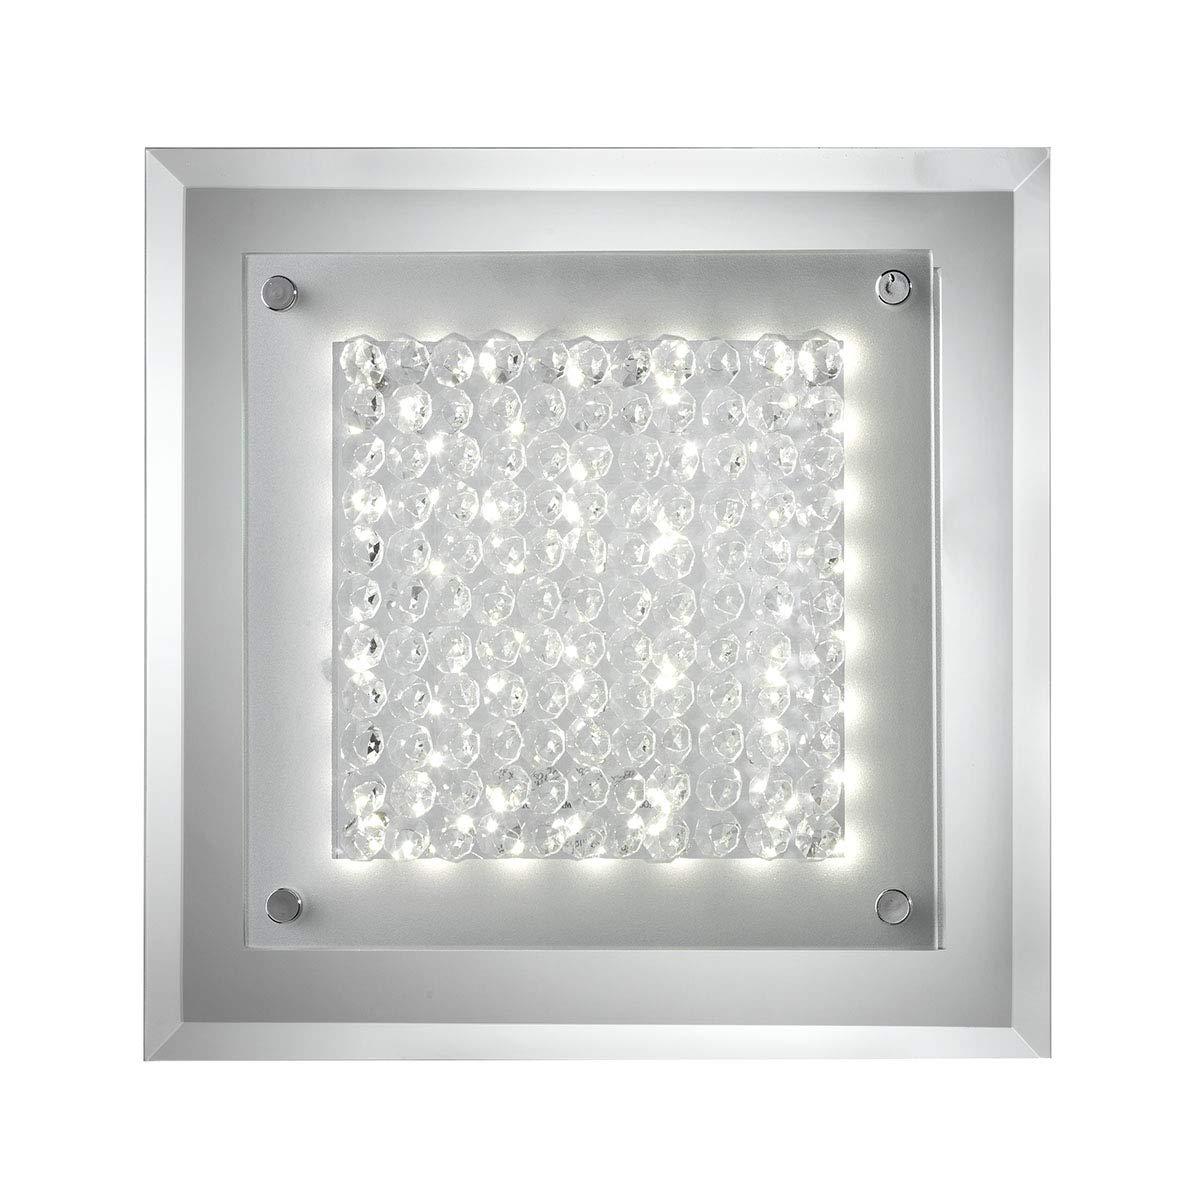 a5b36d5ac6 Vetro e Cristalli Cromato ONLI Plafoniera LED Integrato 18W 4000K Moderna  con Base a Specchio Stefi ...